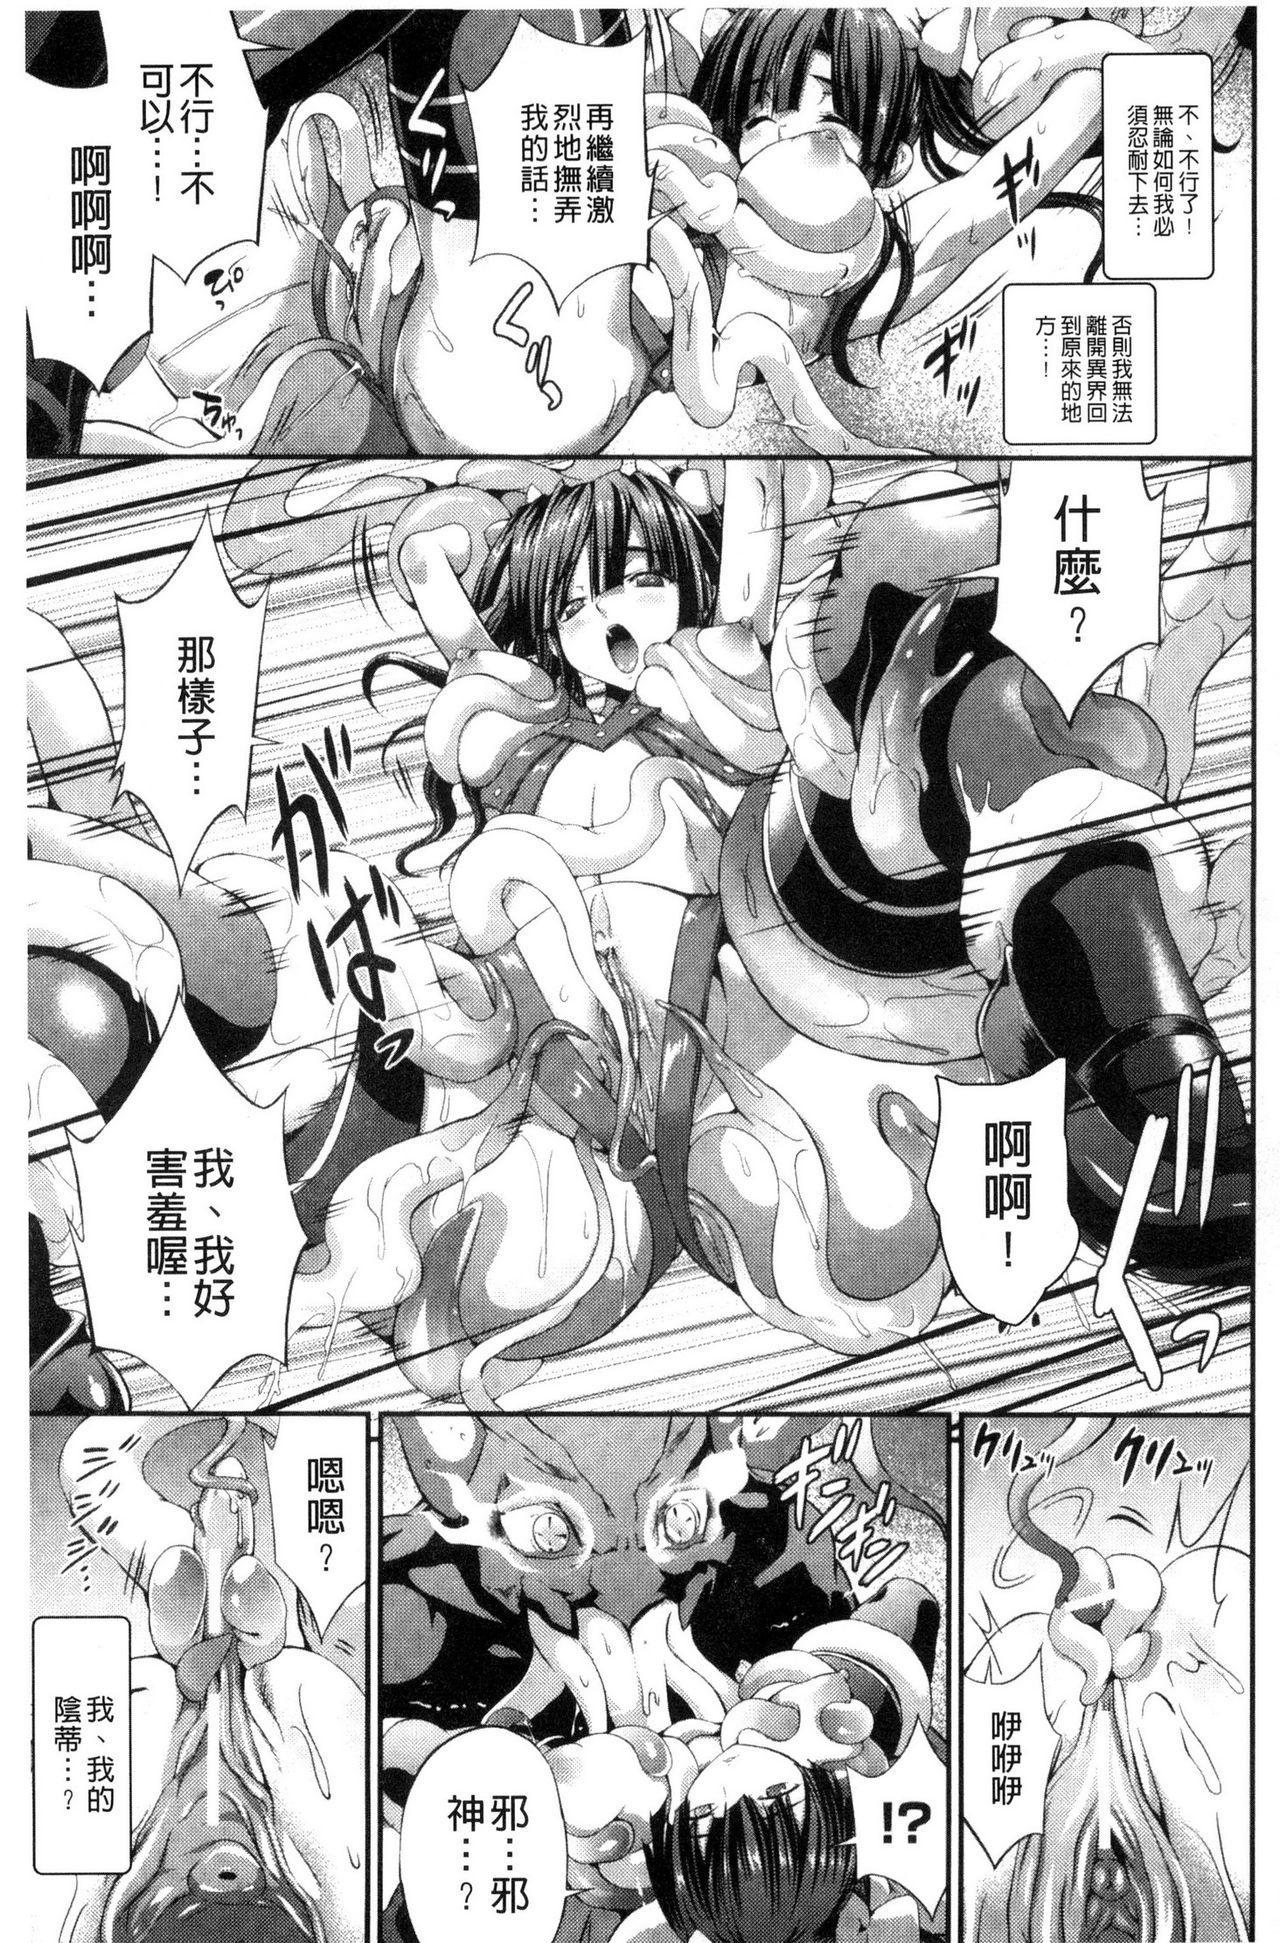 Busou Senki 31